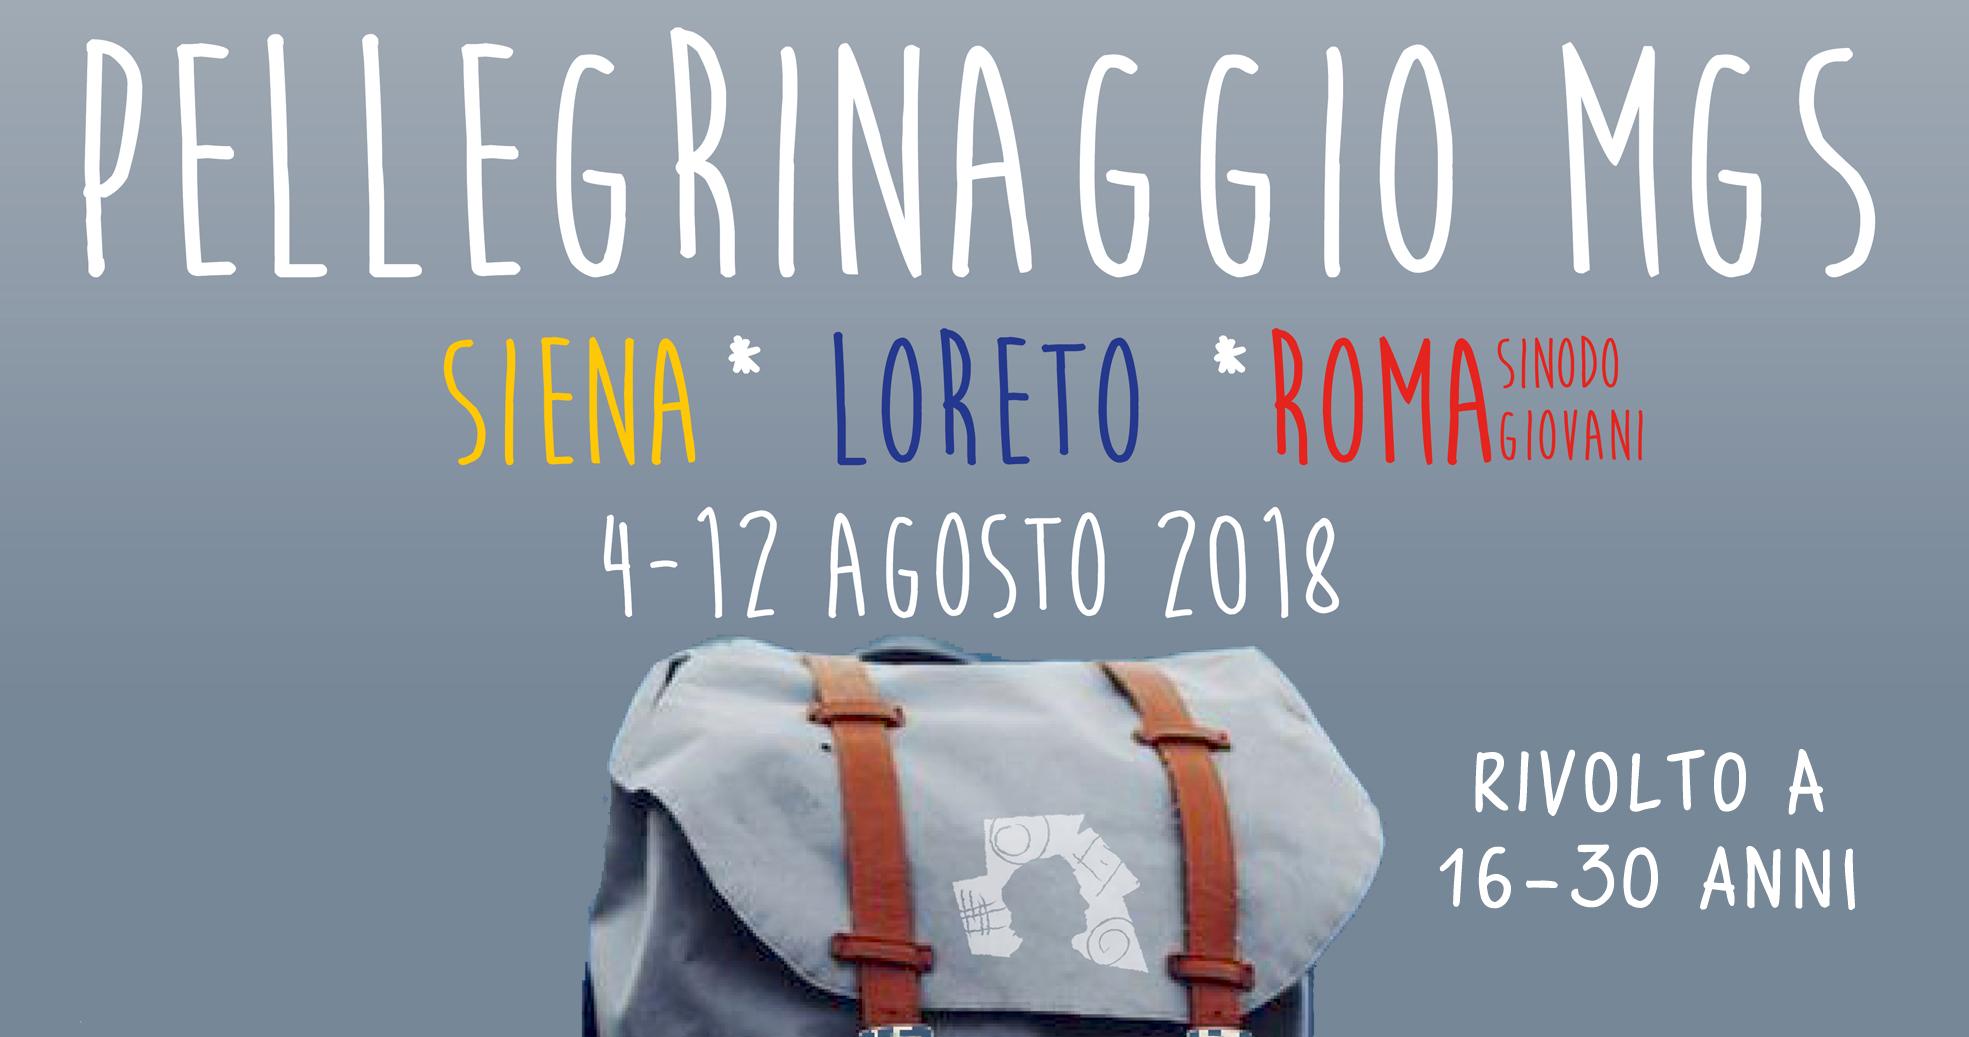 Pellegrinaggio estivo MGS